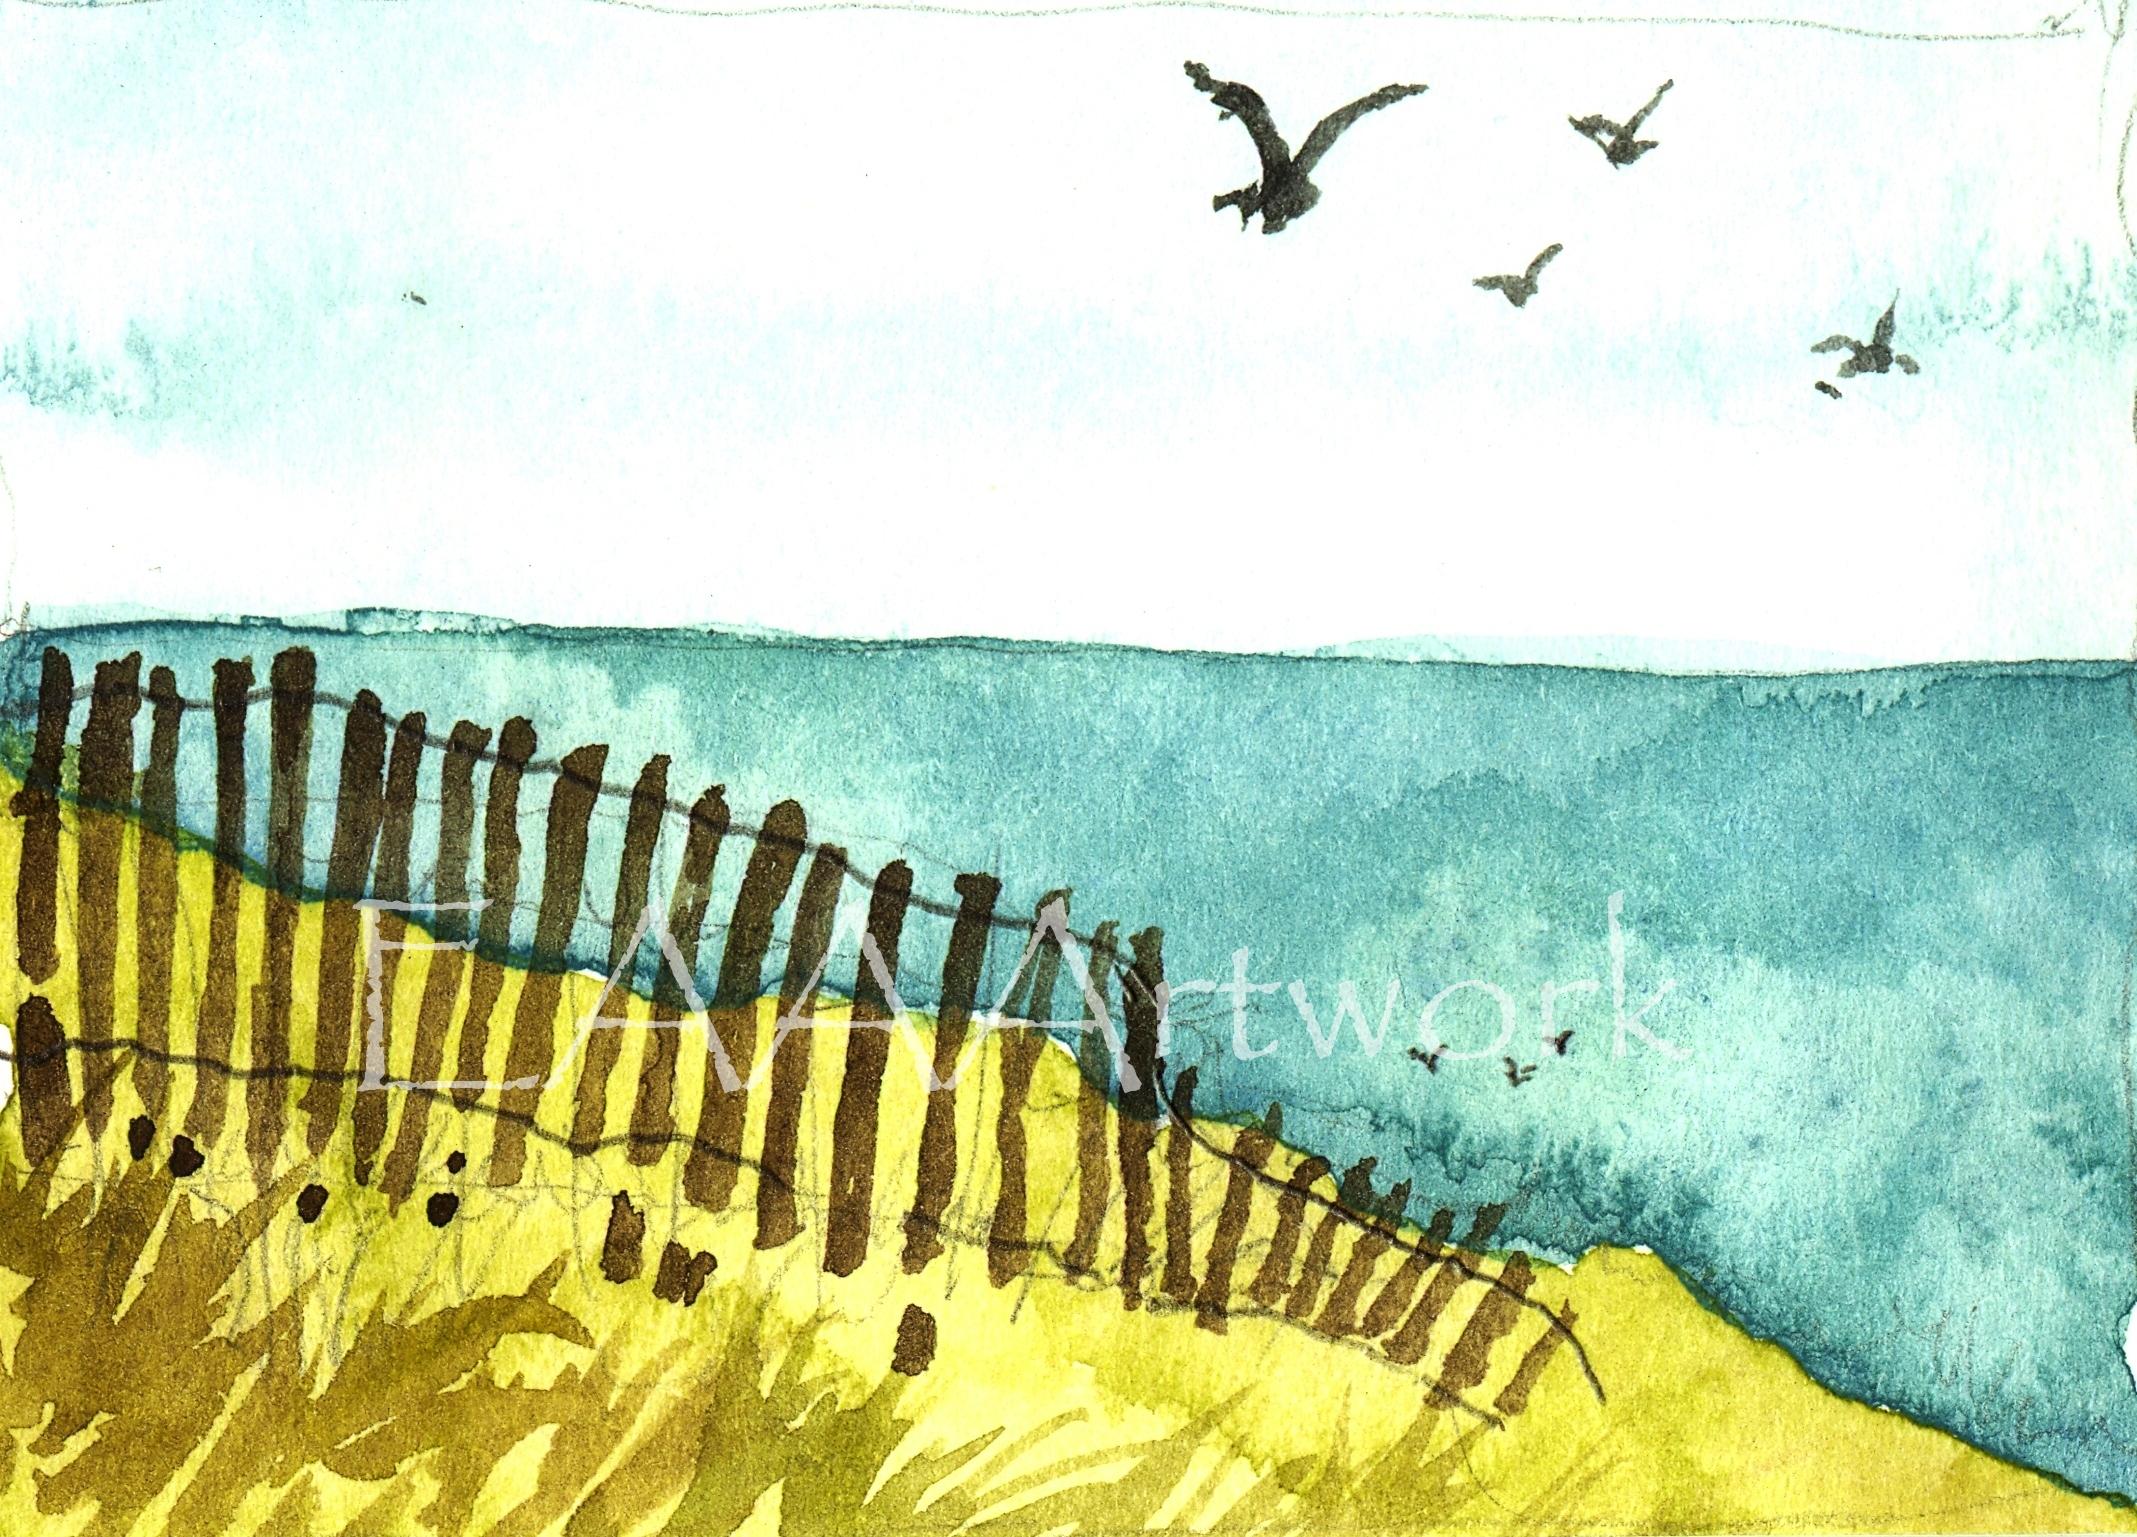 Fence on Dune